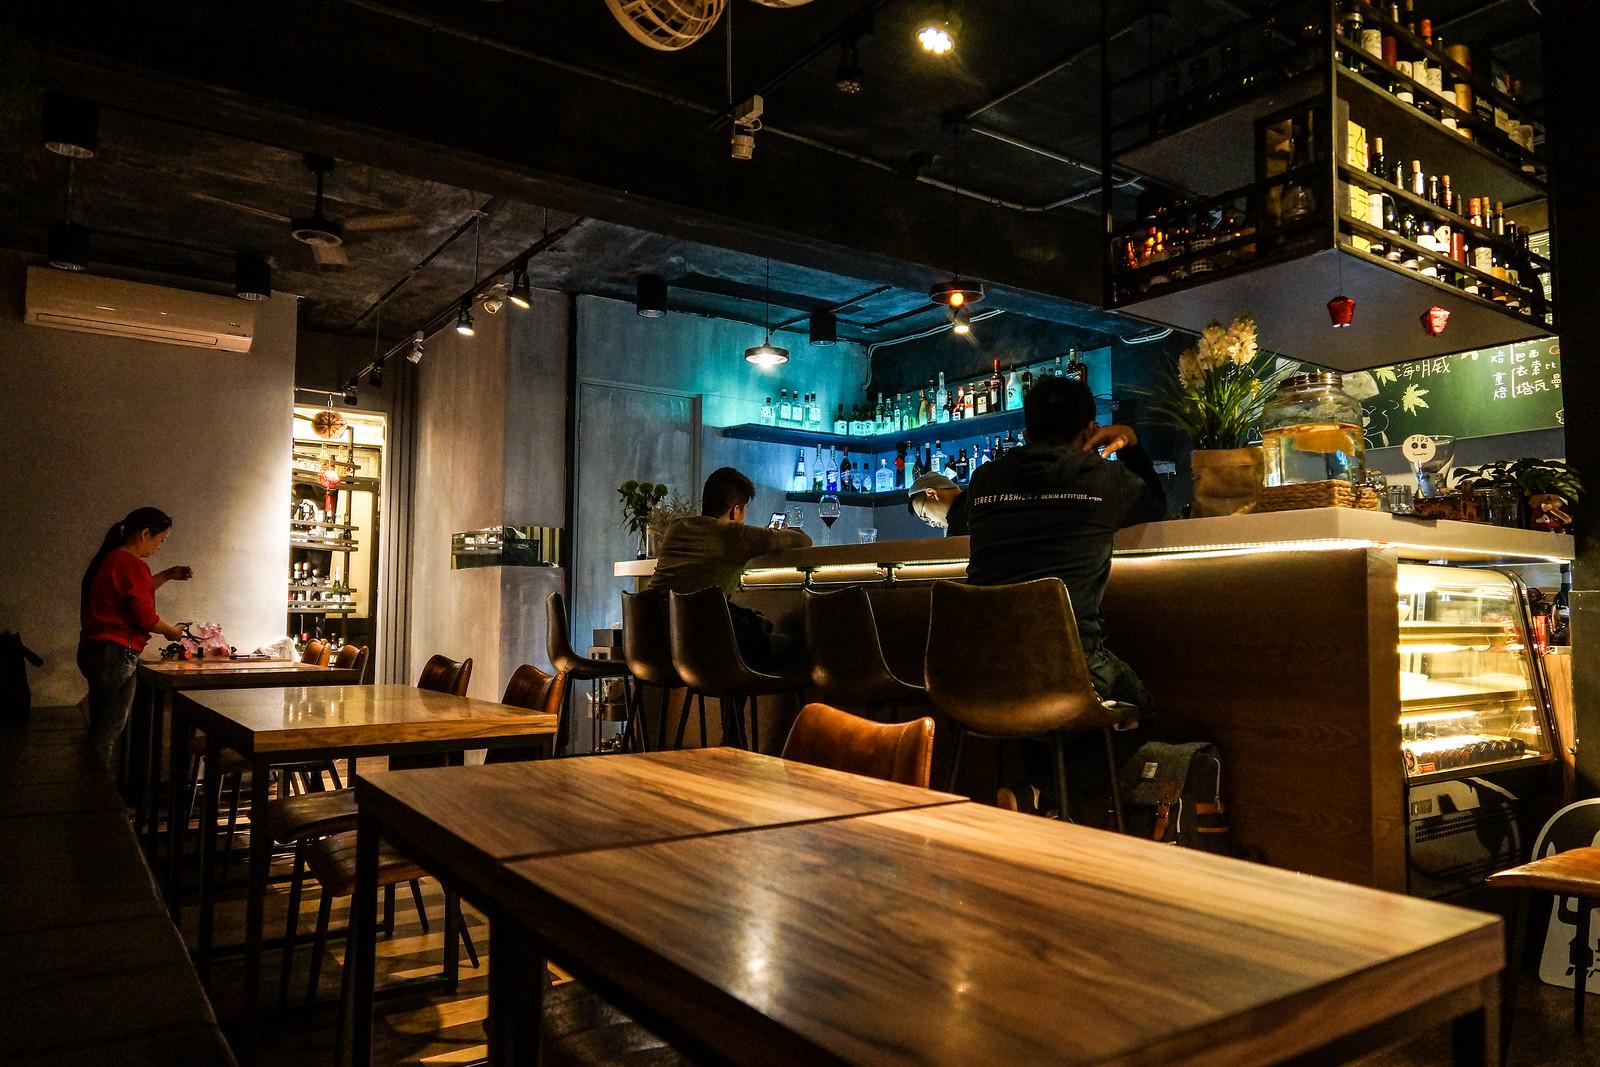 臺北平價酒吧 ONCE Cafe&Bar 藏在舊城西門商圈,日式老屋風格吸引無數人朝聖打卡。此外,咖啡茶飲,寬敞舒適工作型咖啡店 – 媽媽經 專屬於媽媽的網站